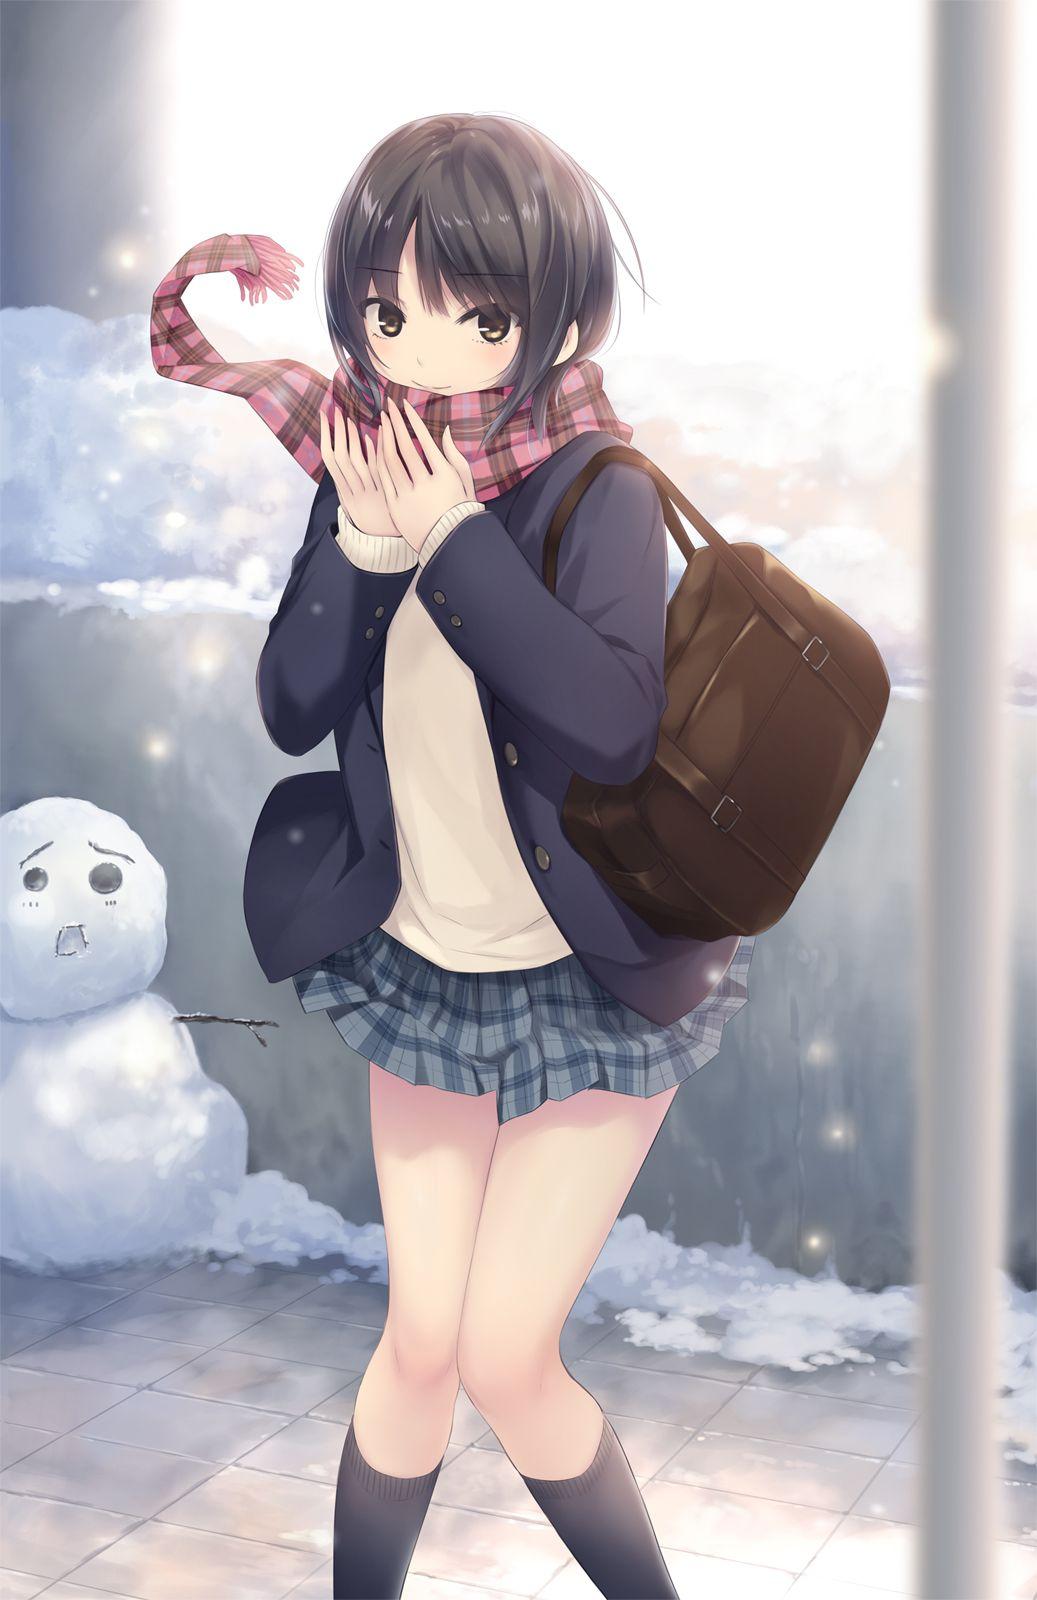 二次元 2次元 エロ画像 雪景色 べっぴん娘通信 06